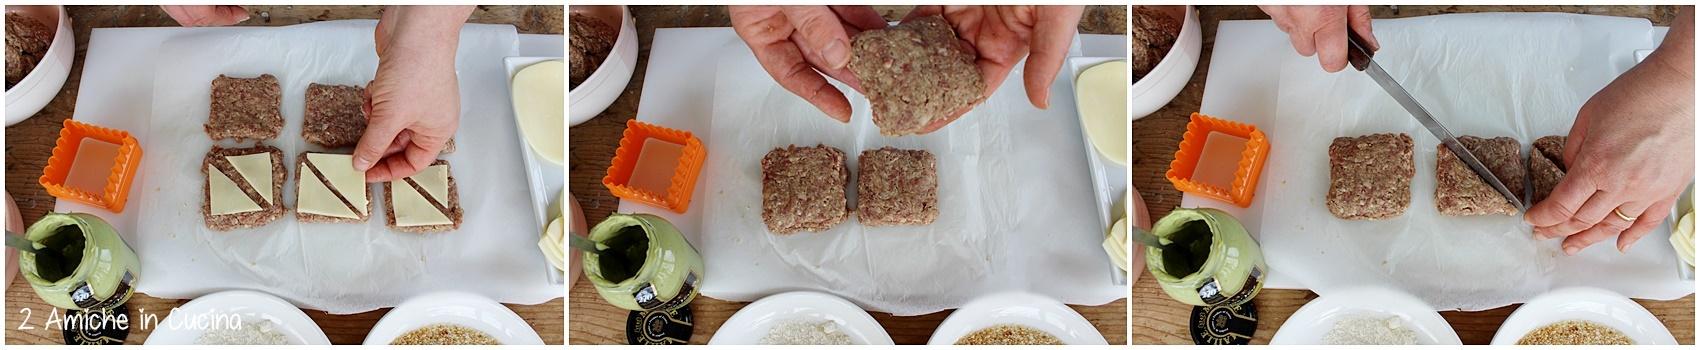 Tramezzini di carne alla senape